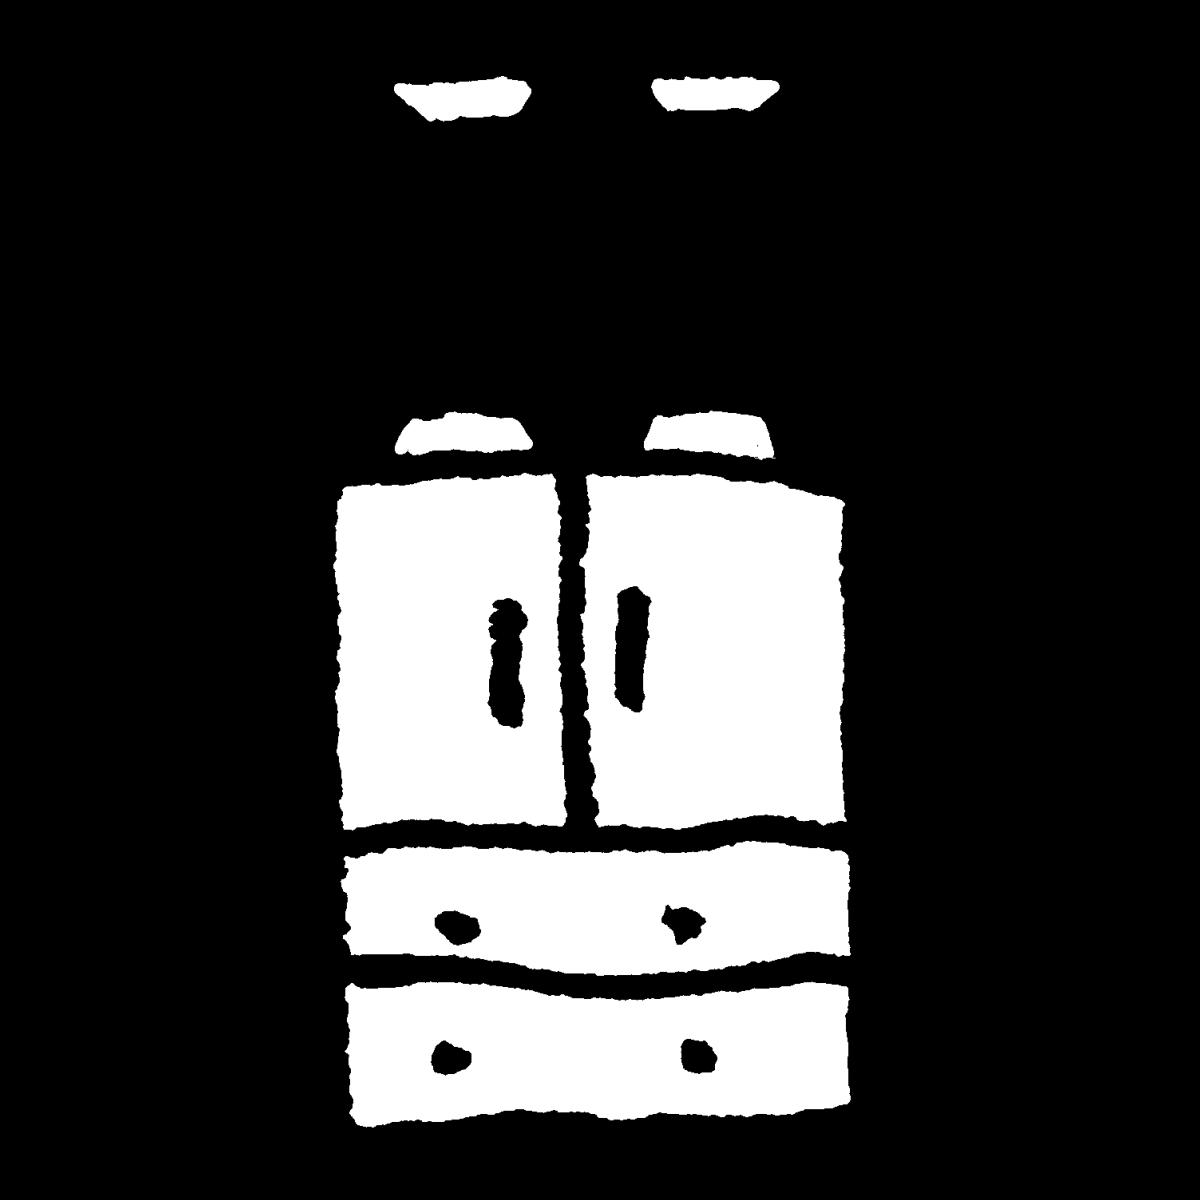 つっぱりで固定されたタンスのイラスト / Fixed wardrobe Illustration